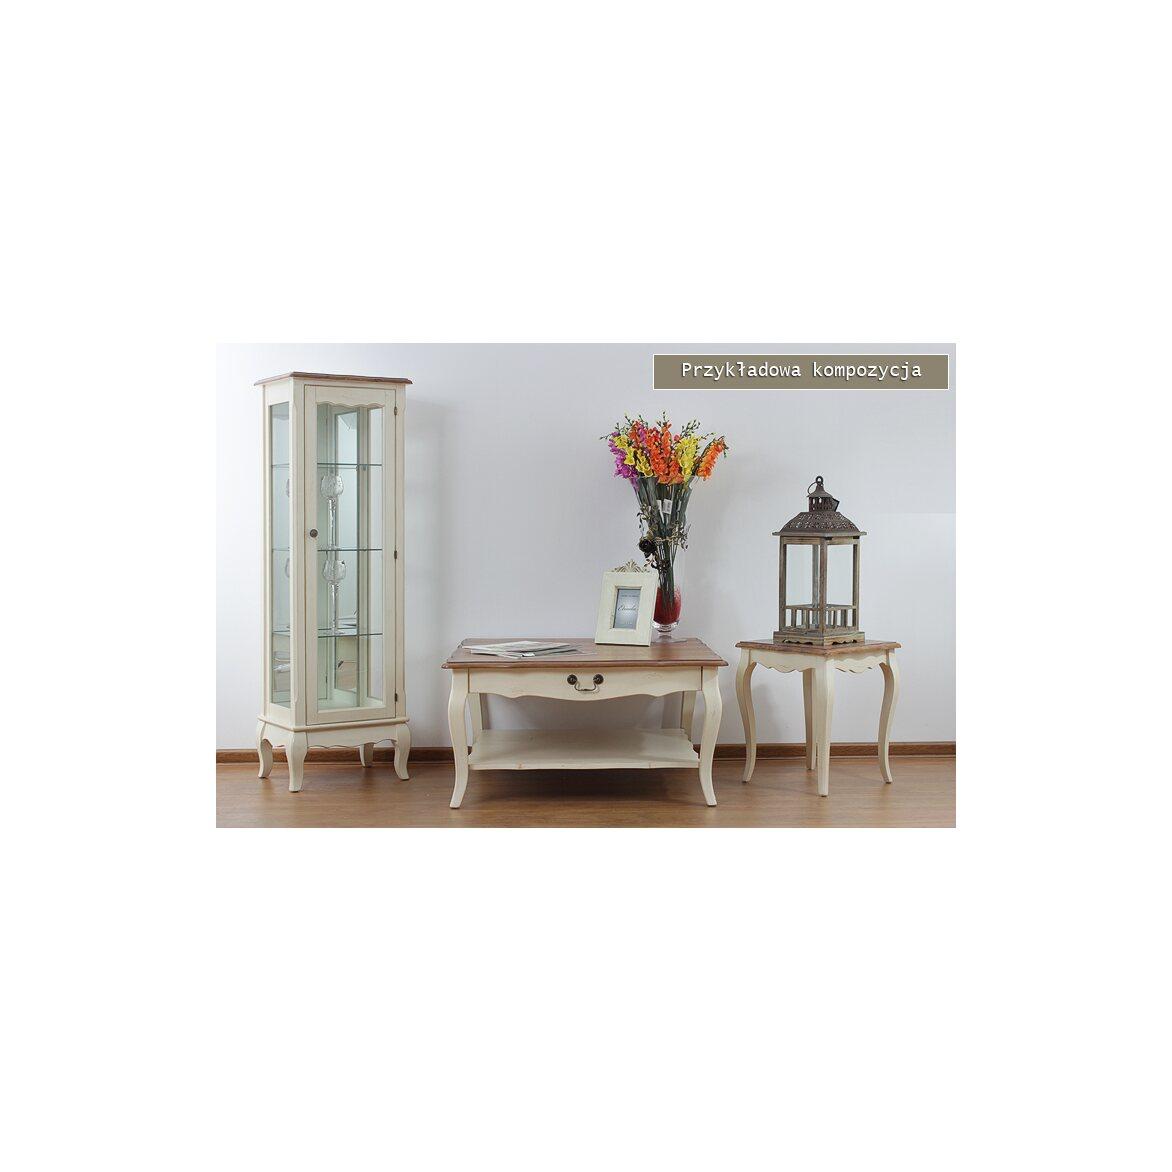 Консольные столики (комплект) Leontina, бежевого цвета 7 | Консоли Kingsby